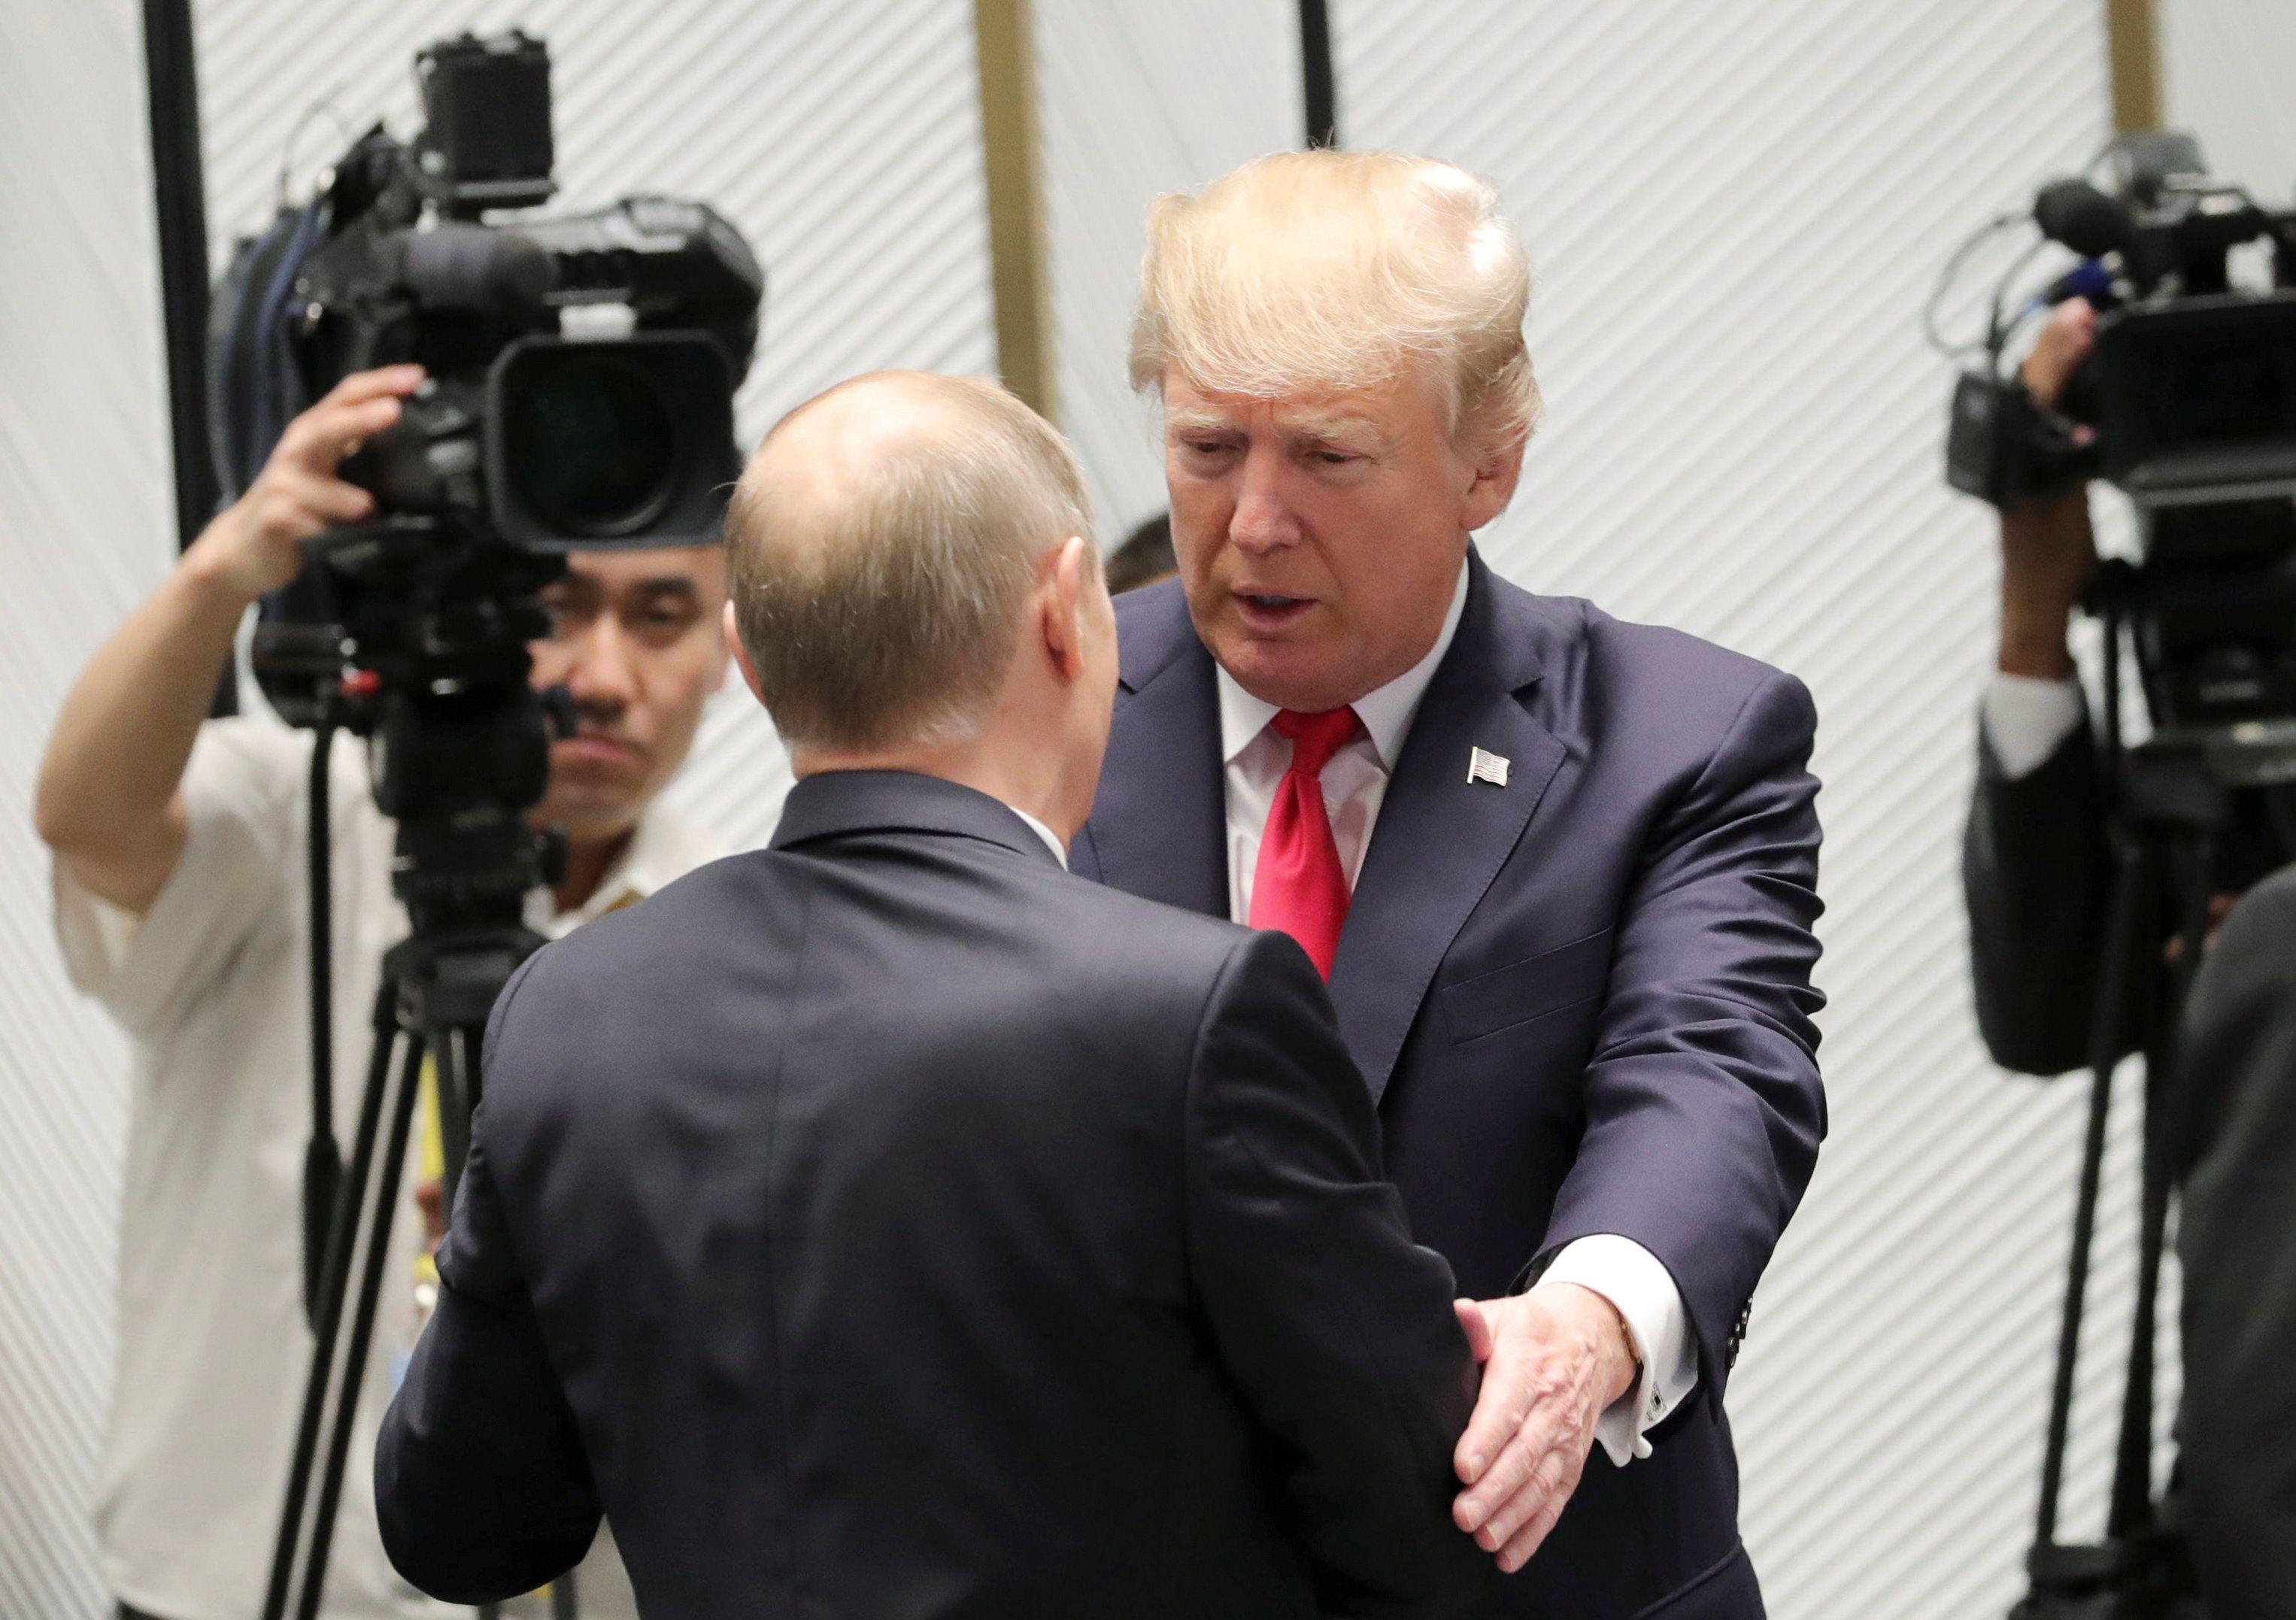 Путин и Трамп весь уходящий год бились на вопросом, как построить российско-американские отношения